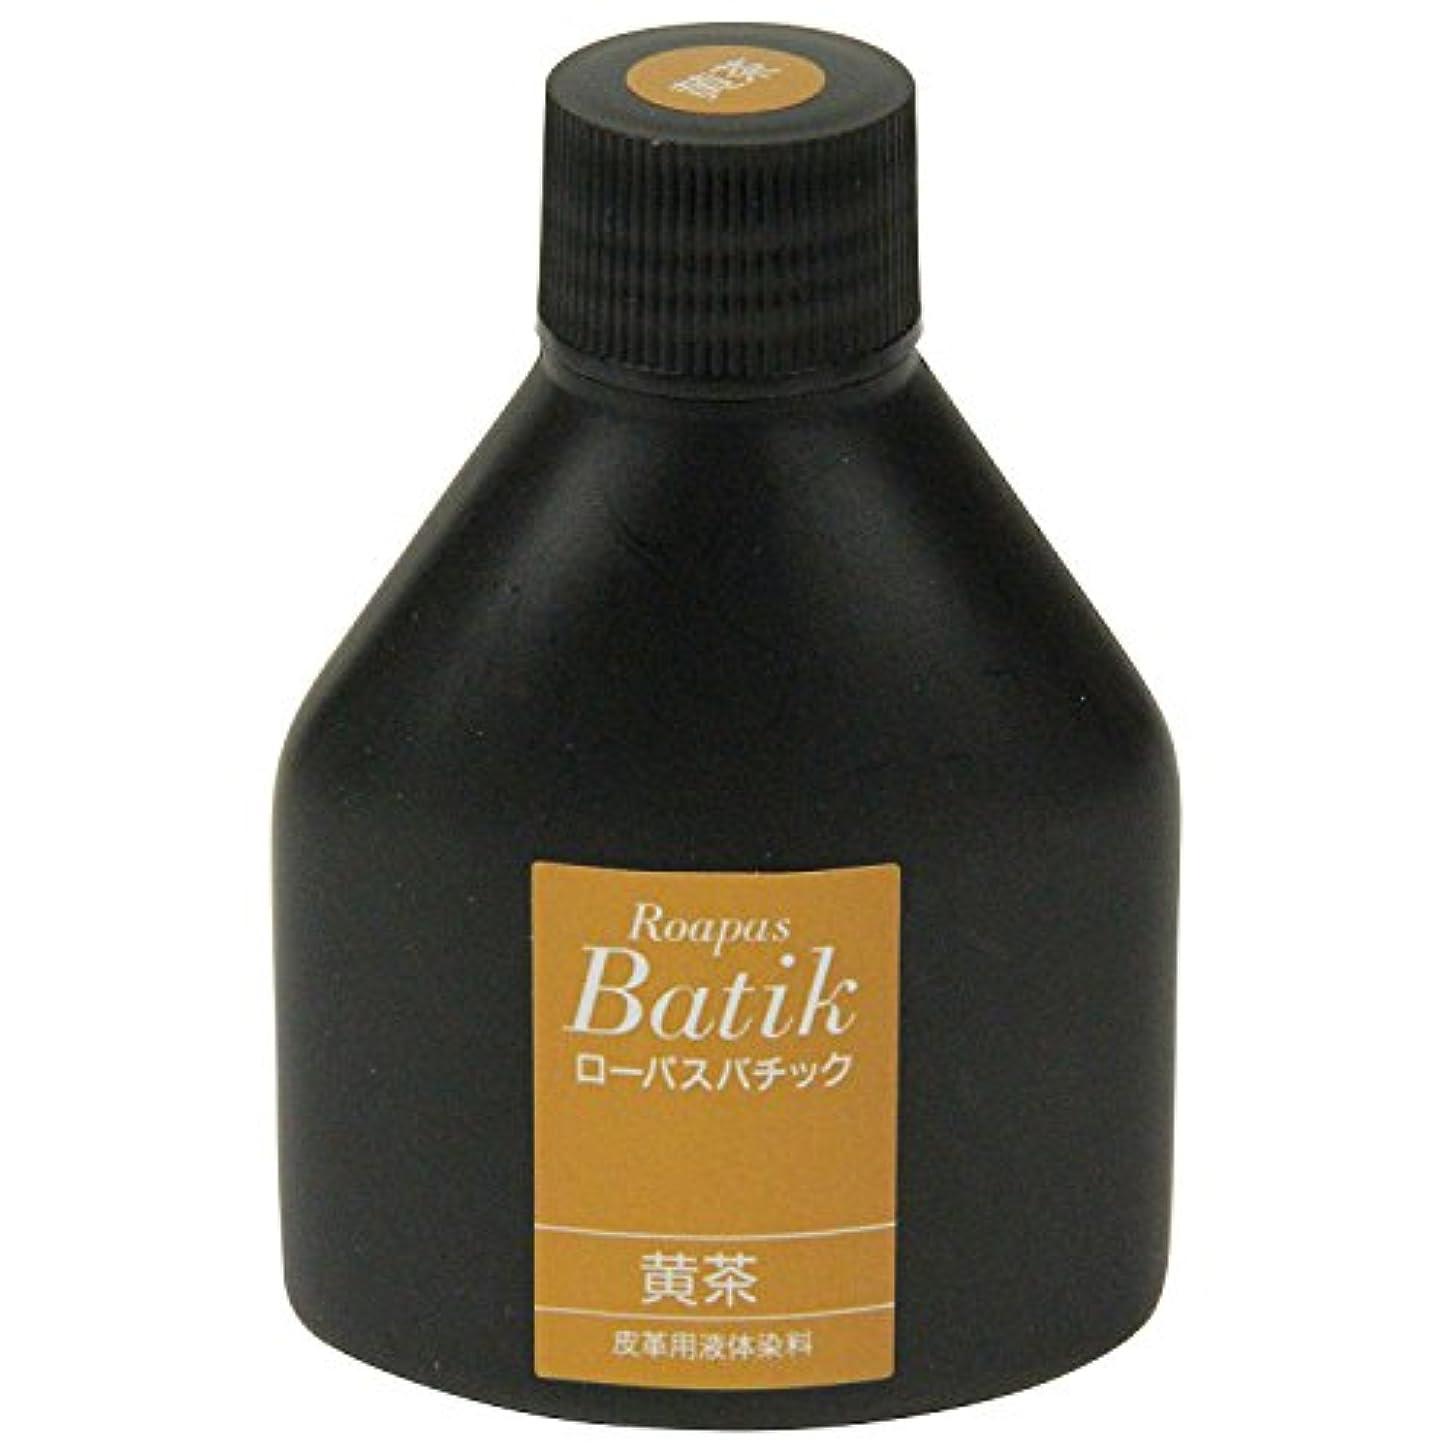 標準距離要塞SEIWA ローパスバチック 小 100ml 黄茶